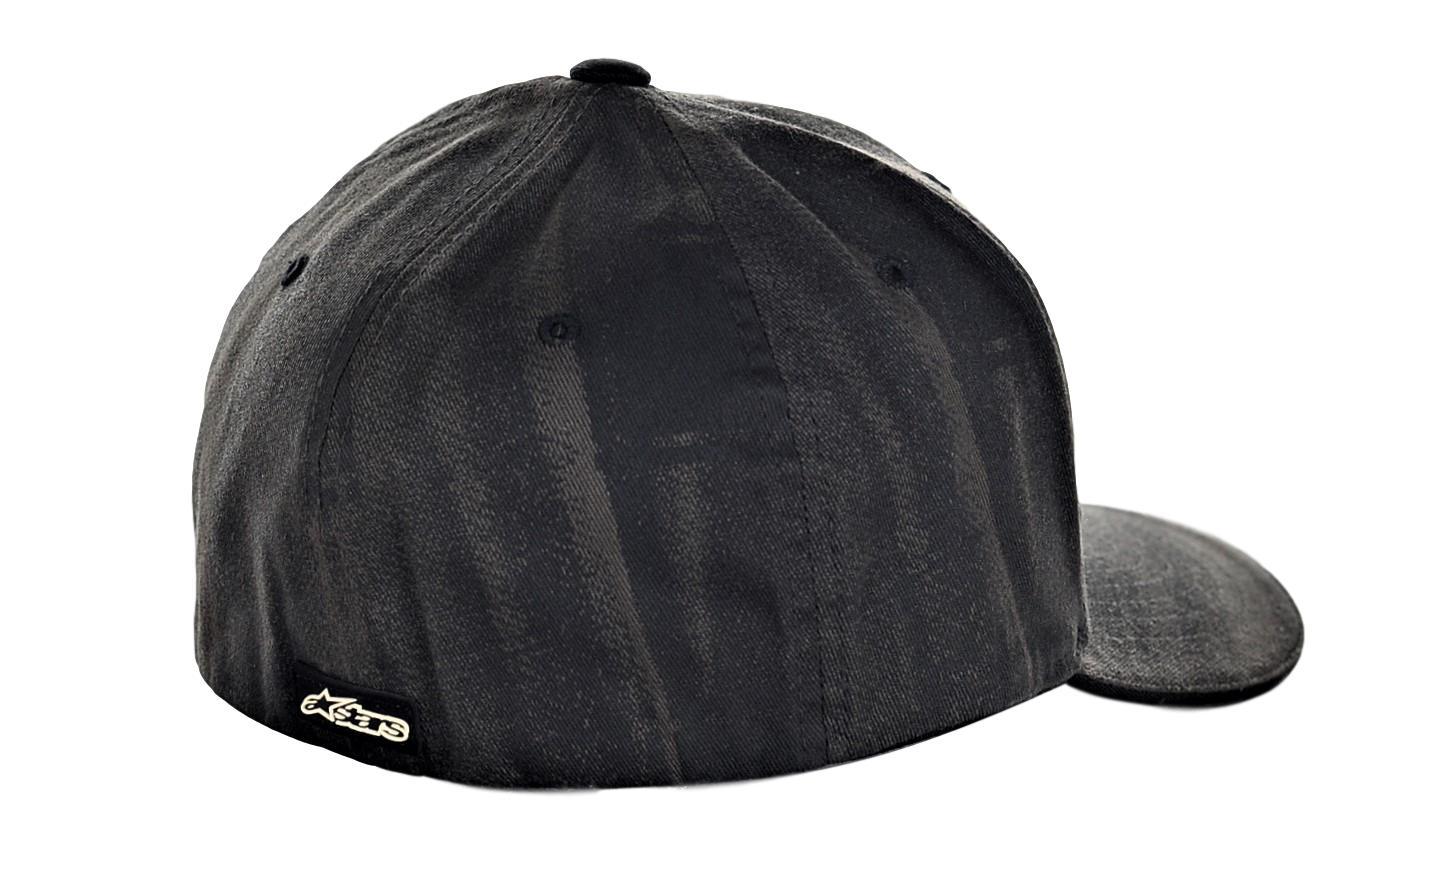 61e697ffee4b0 AlpineStars Men s Flexfit Curve Bill Hat One Size